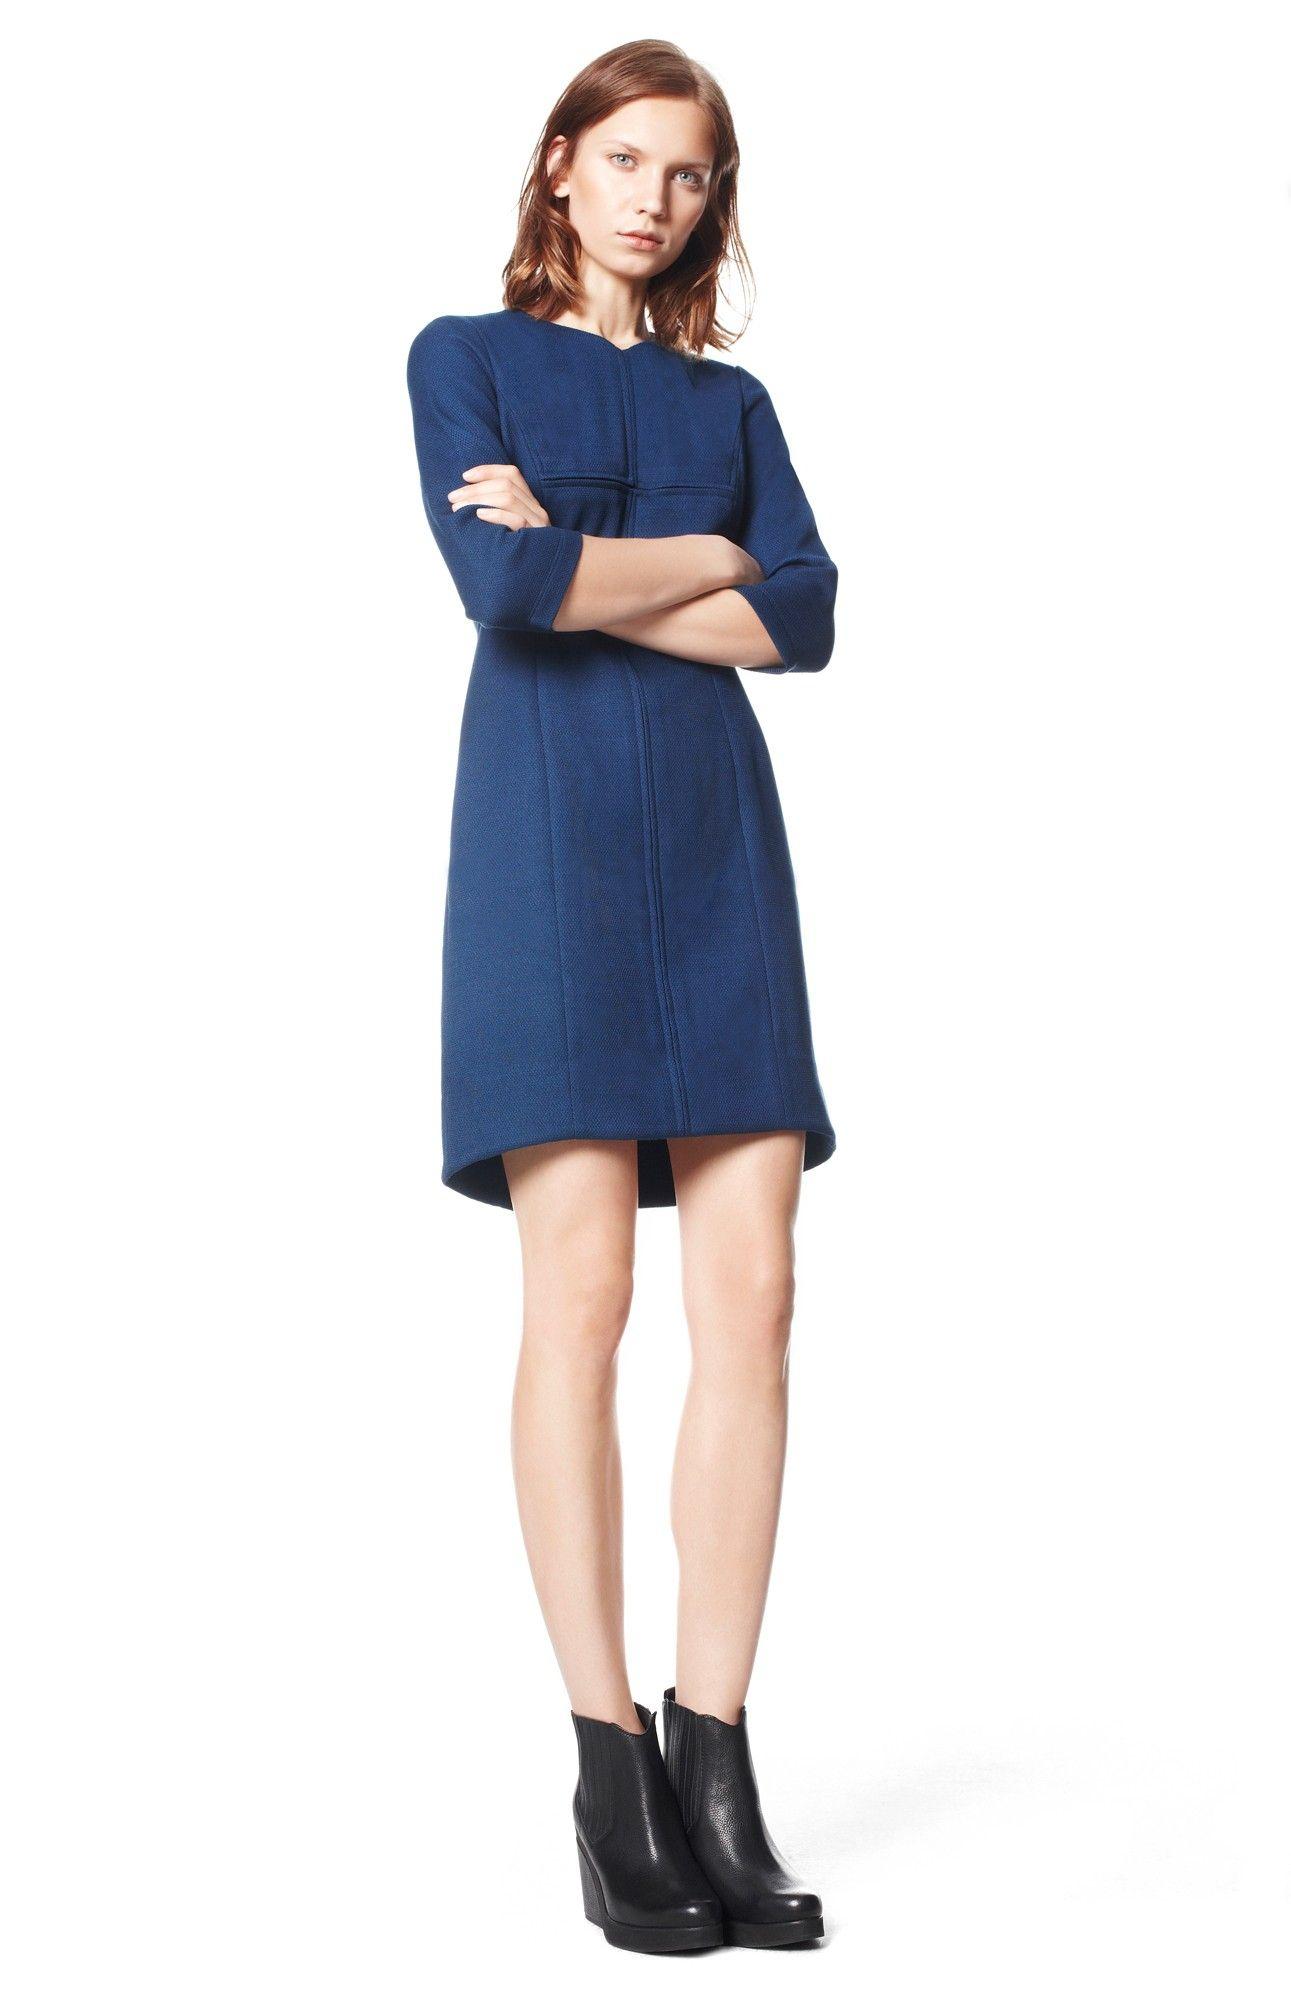 Vestido detalles ecopiel vestidos adolfo dominguez for Vestidos adolfo dominguez outlet online